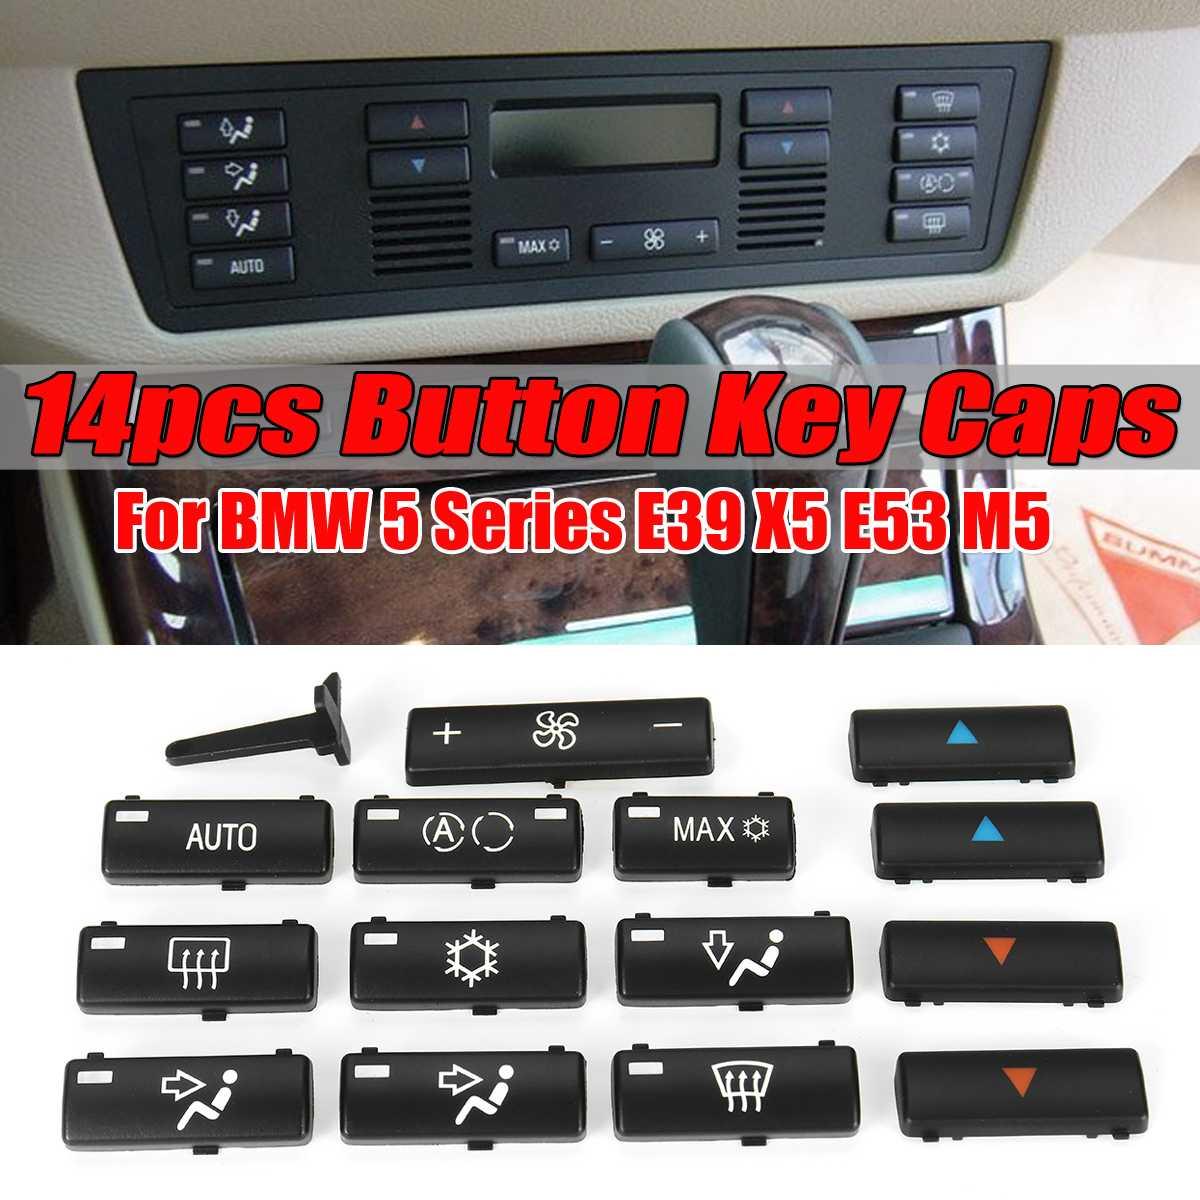 14 boutons clés de remplacement climat A/C panneau de commande interrupteur boutons couvercle casquettes pour BMW E39 E53 525i 530i 540i M5 X5